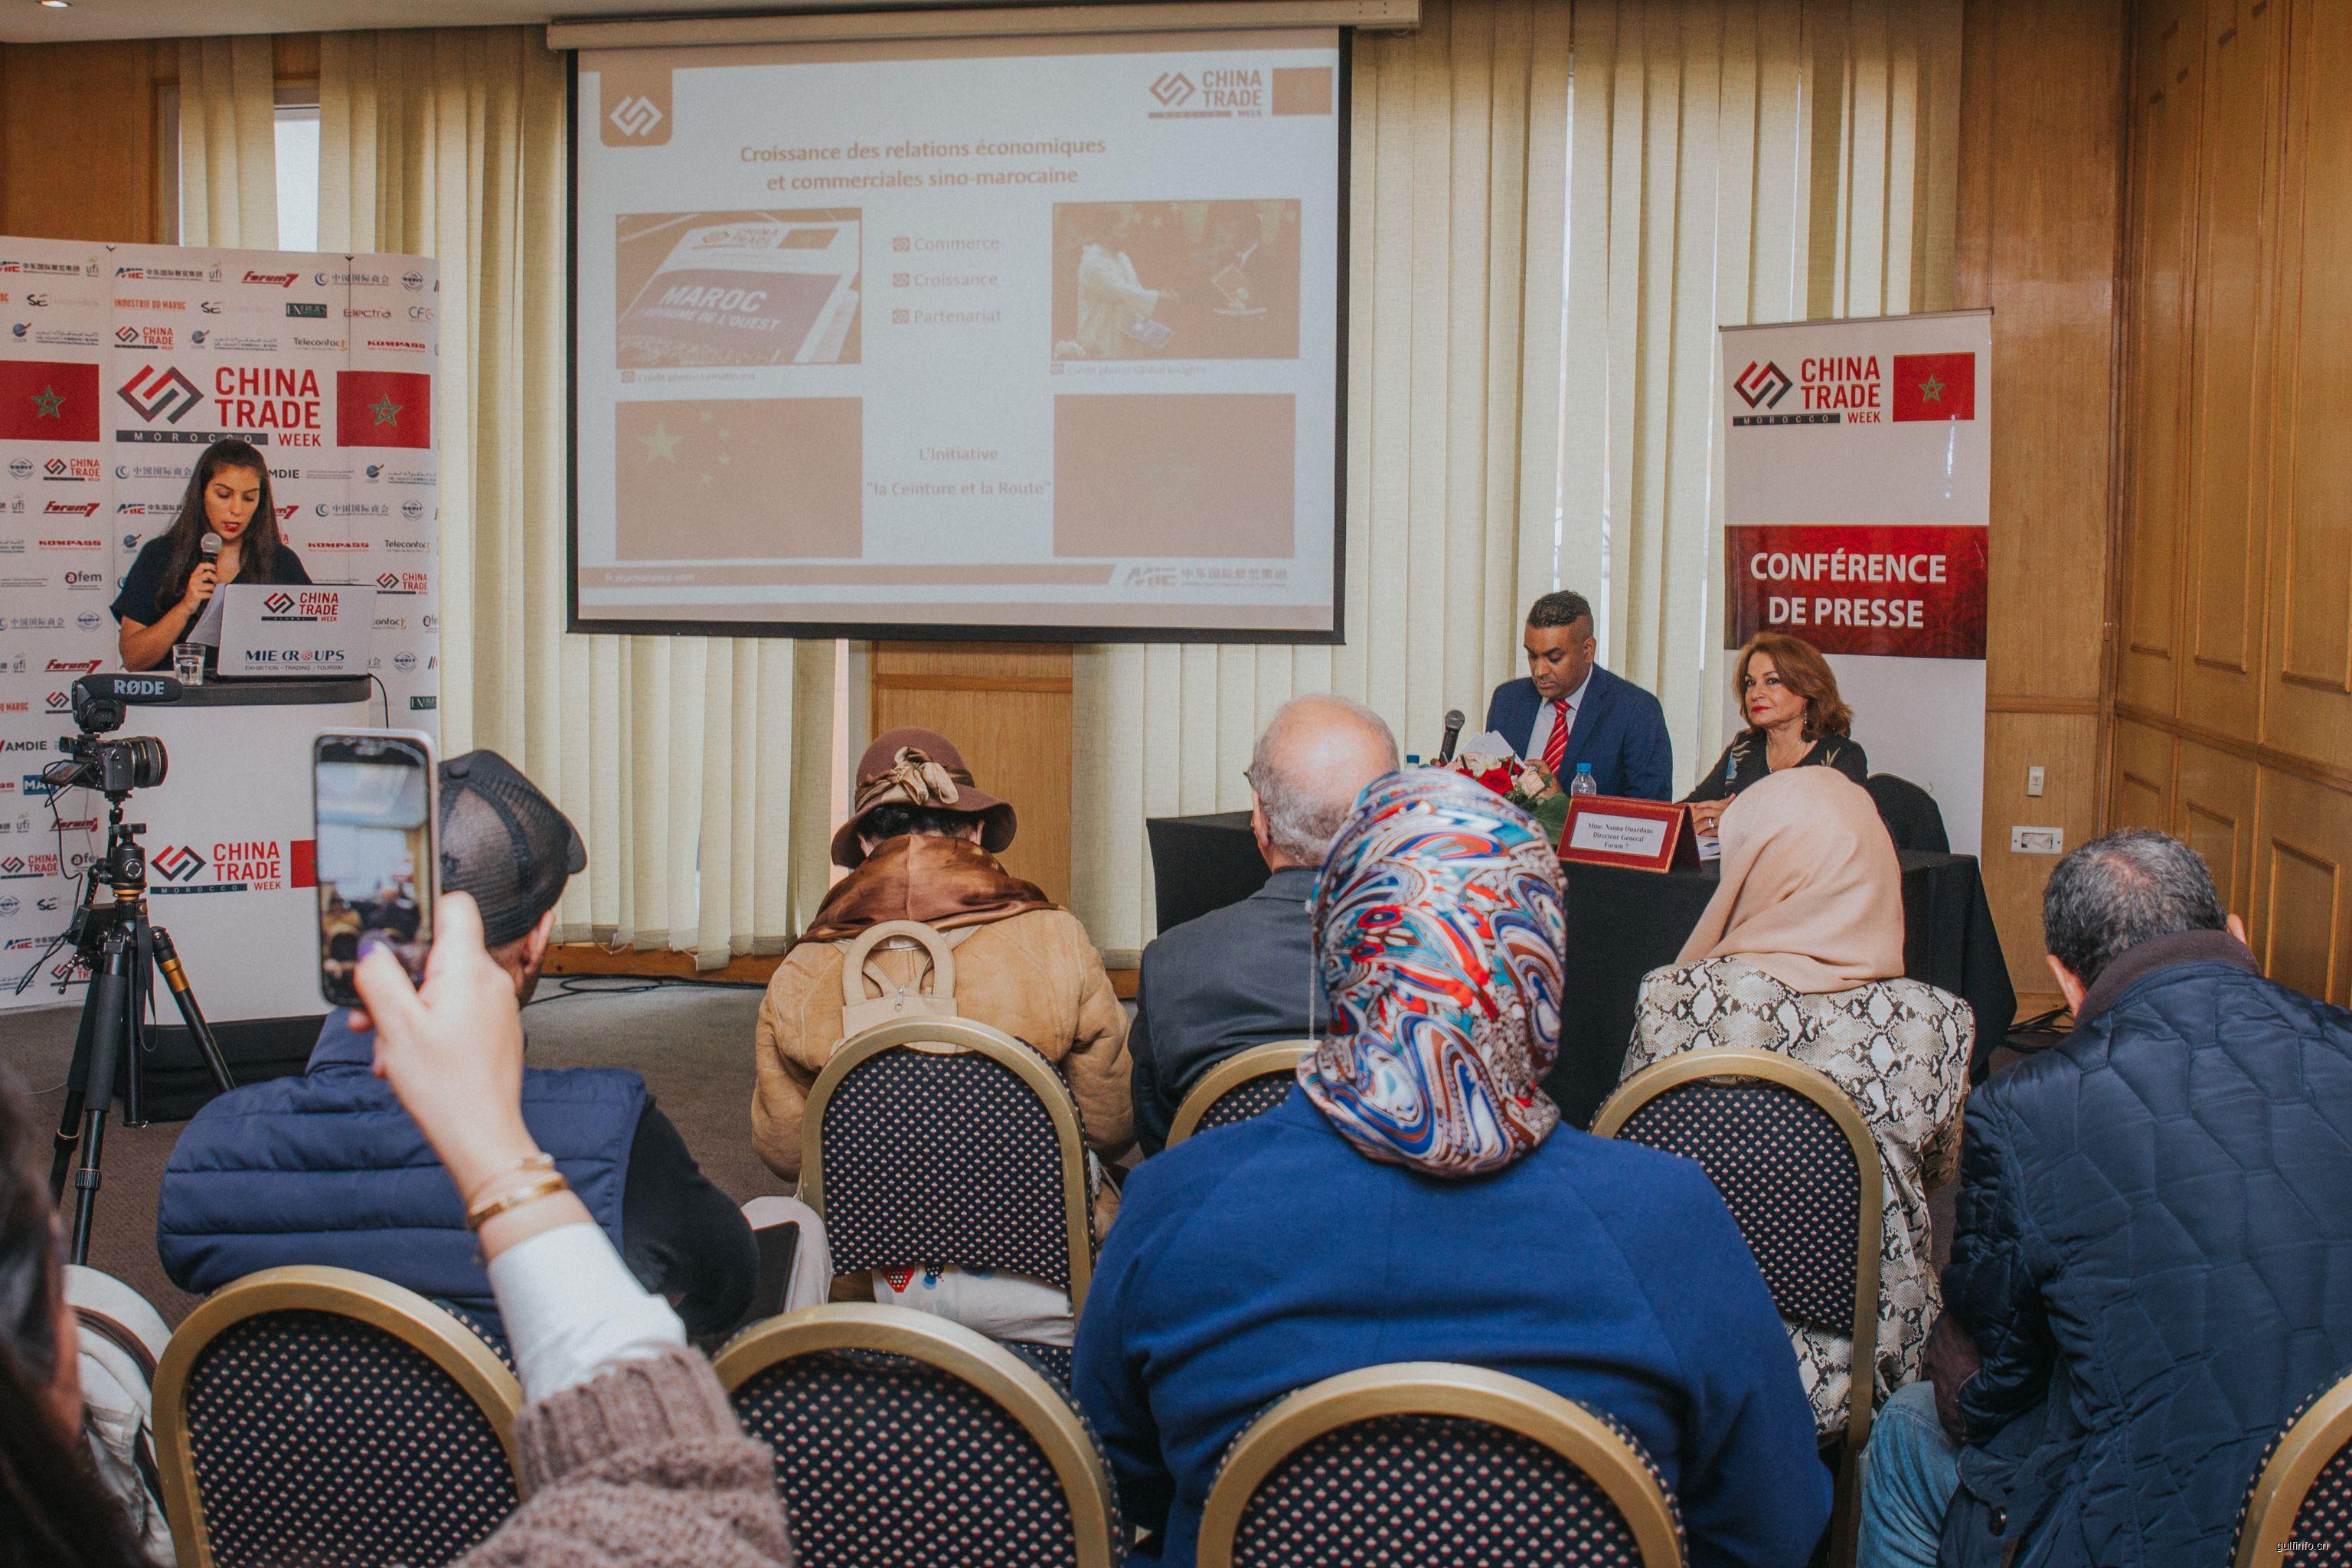 【视频】50多家媒体参加第二届摩洛哥中国贸易周展前新闻发布会